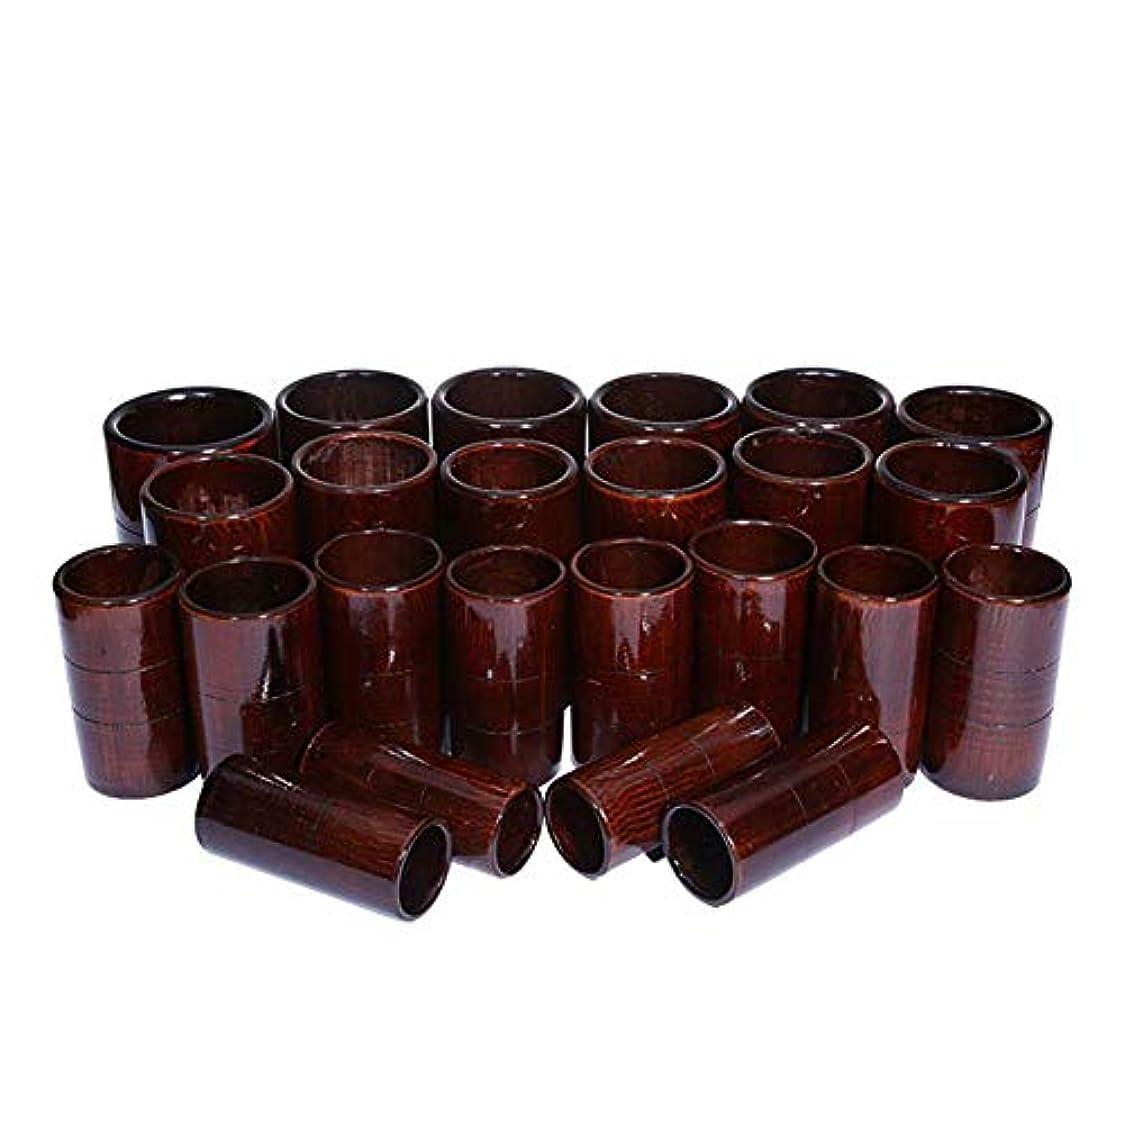 偽造ドレイン操作可能竹鍼治療セット - 炭缶ボディ医療吸引セット - カッピングマッサージバキュームカップ,D24pcs